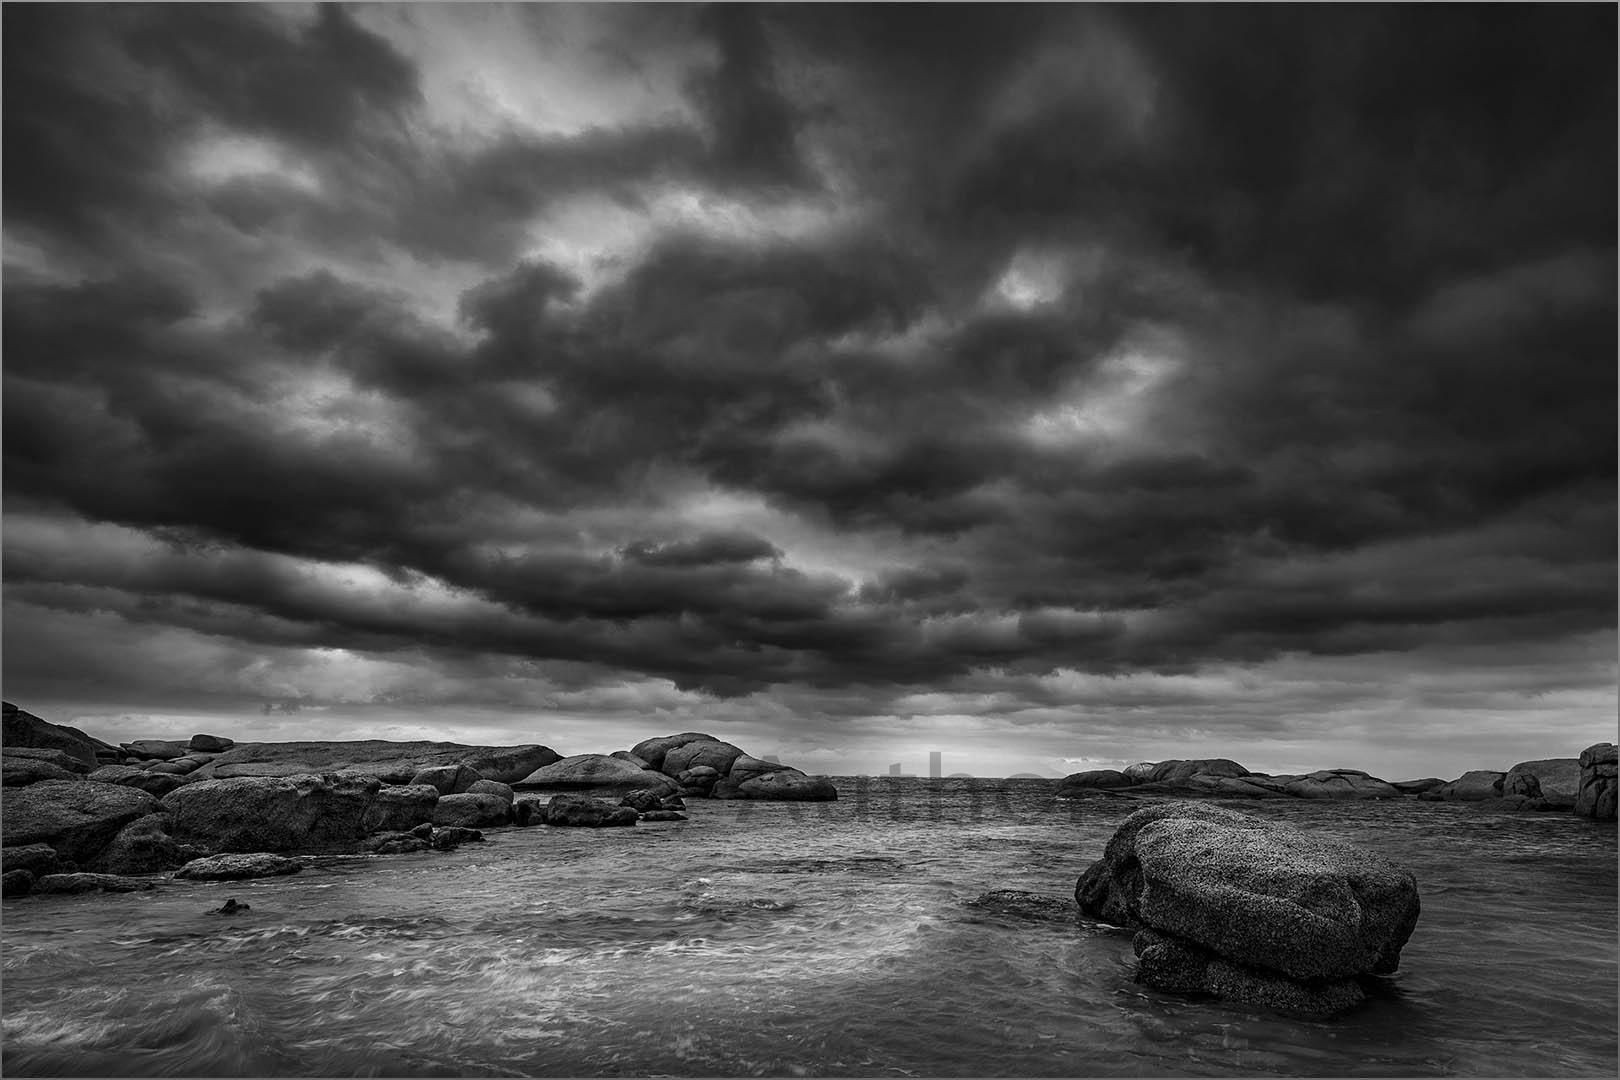 2_PI_Imminent Storm_Linda Carter